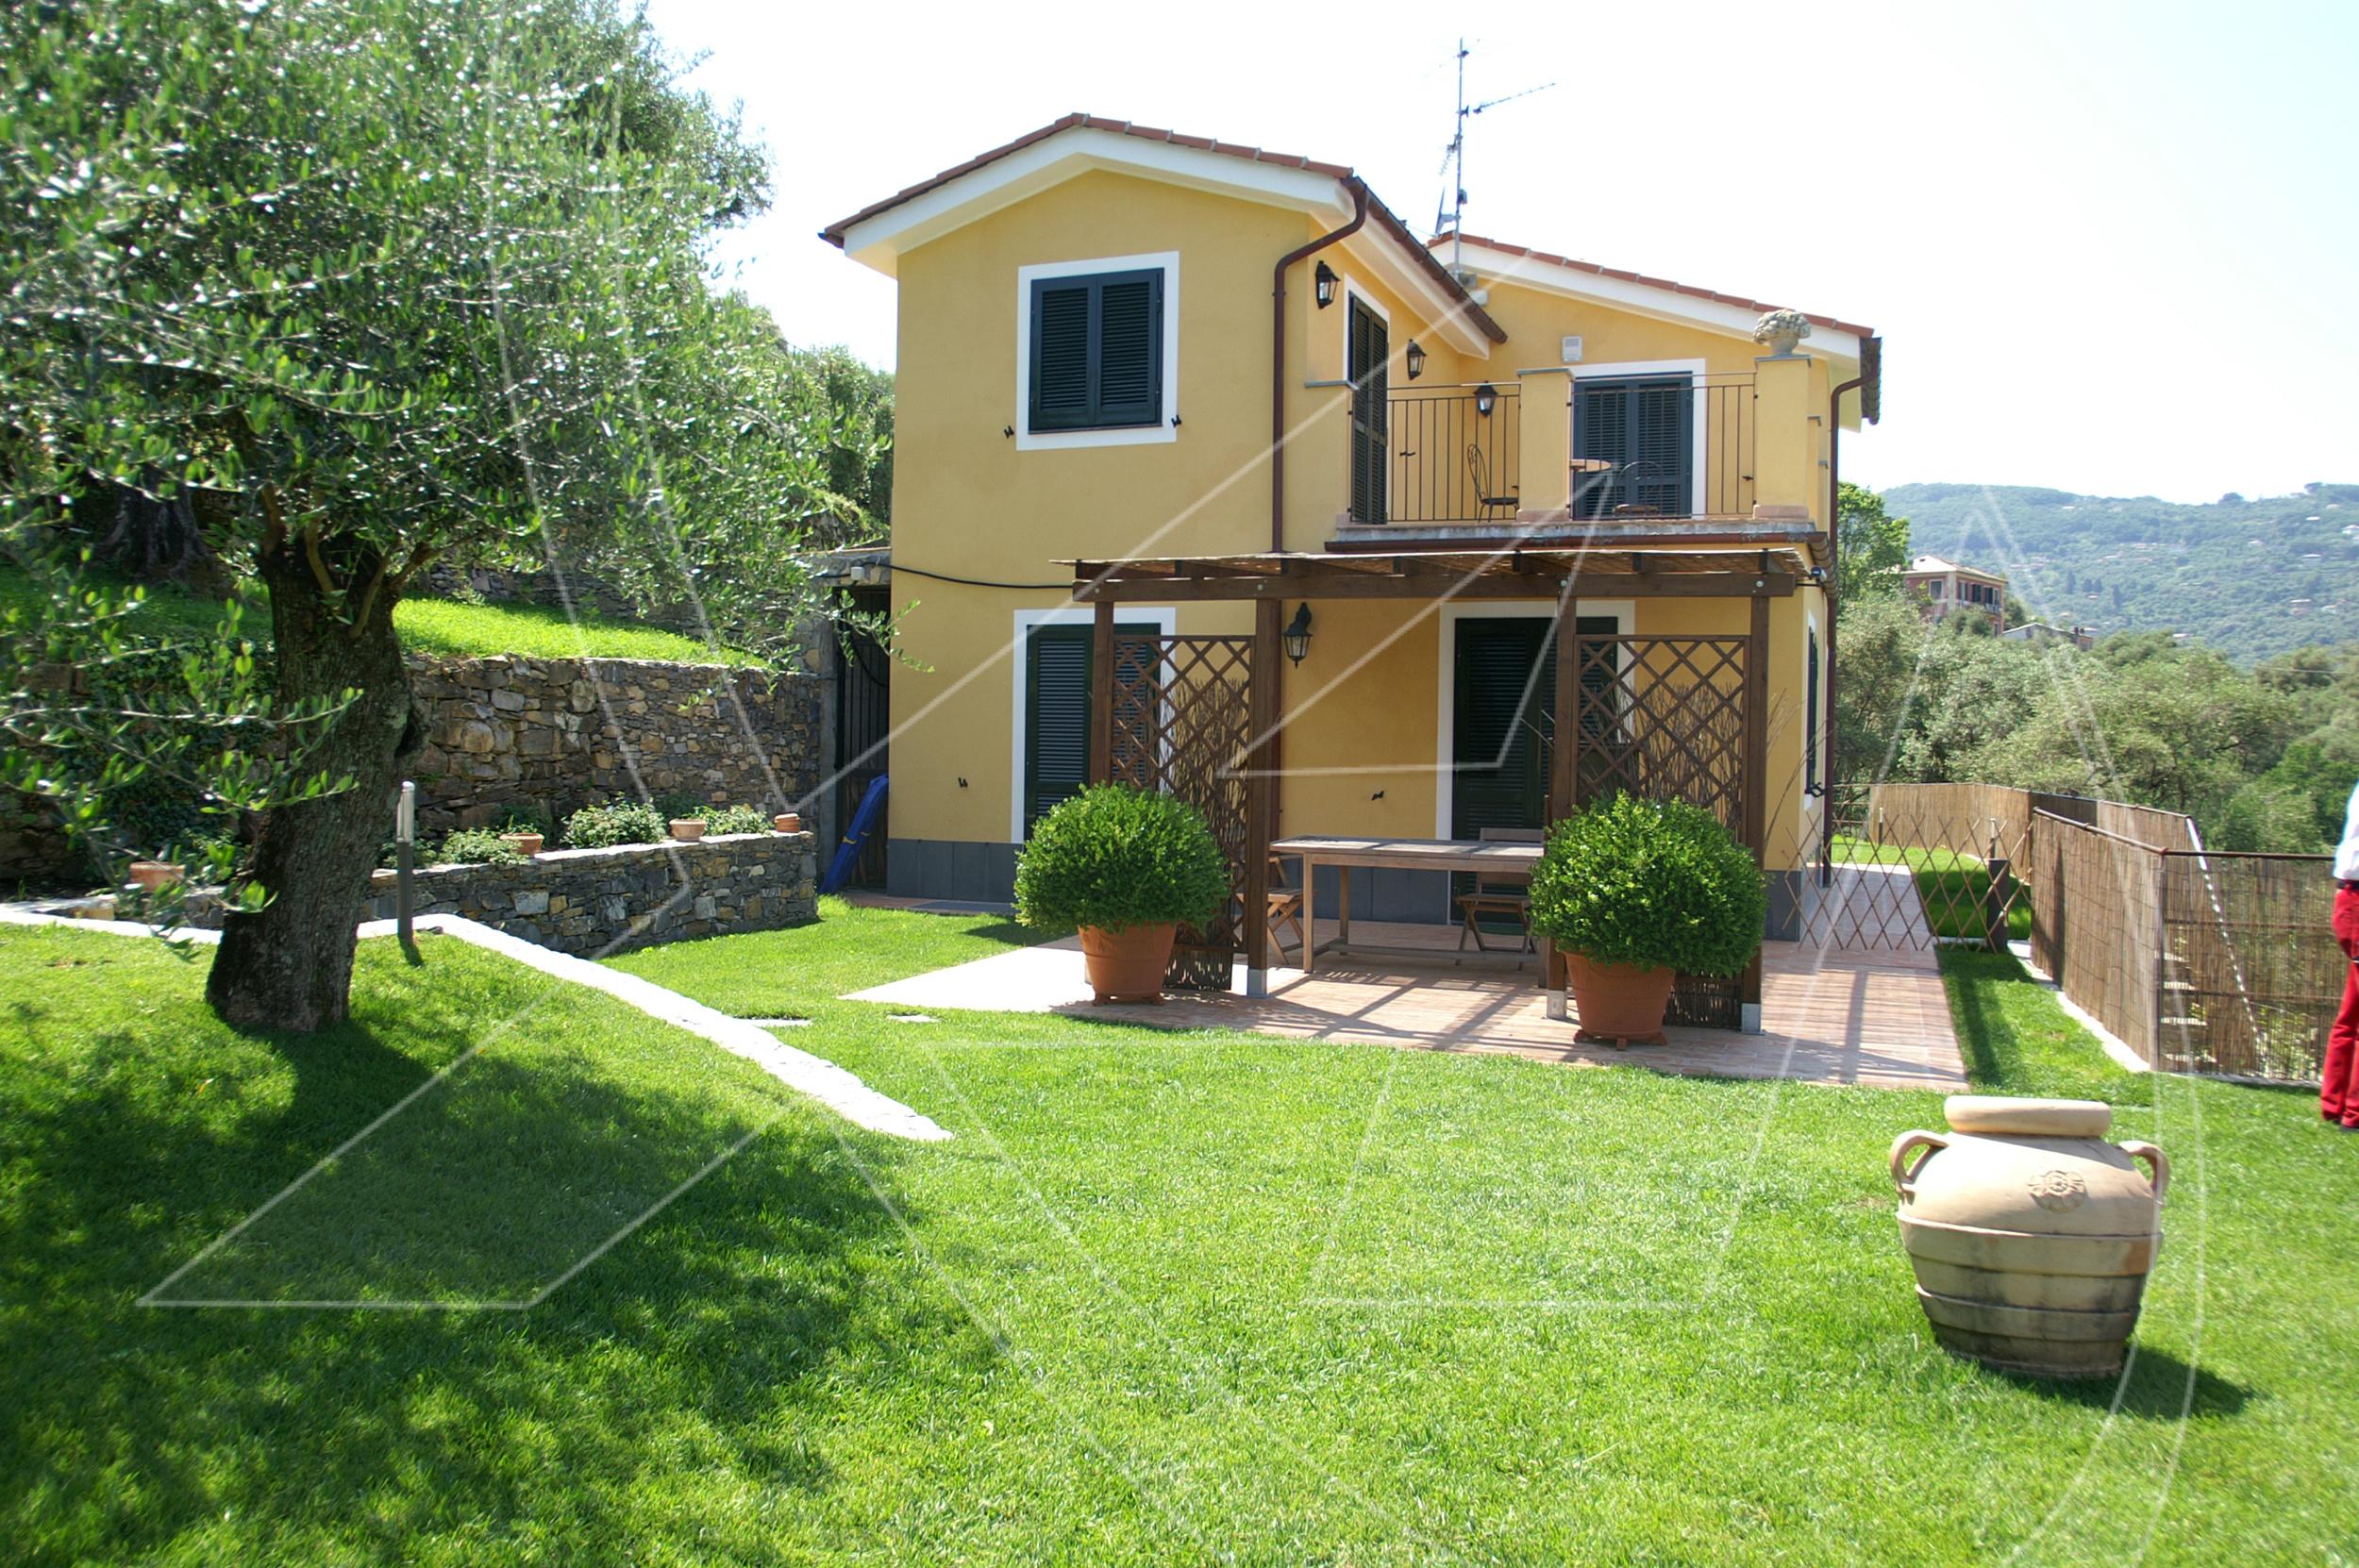 Affitto villa con piscina e giardino a santa margherita ligure